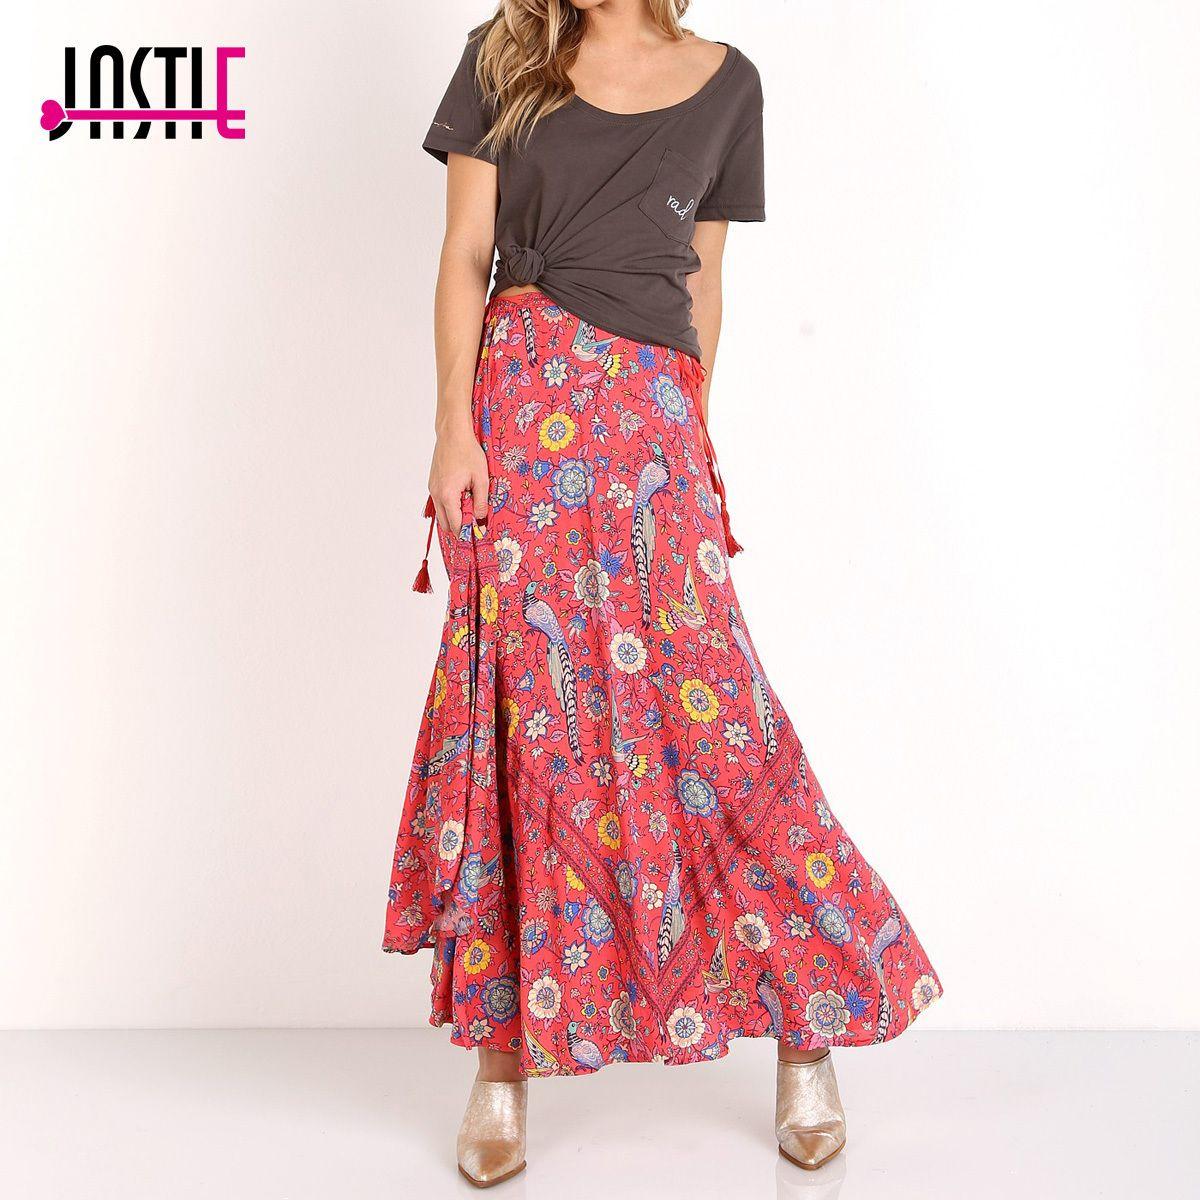 17c86ed8b Jastie Boho Estampado floral Faldas largas Mujeres Faldas de verano  Elásticos de cintura inferiores Falda maxi de Hippie Beach Saia Chic Mujer  Faldas ...